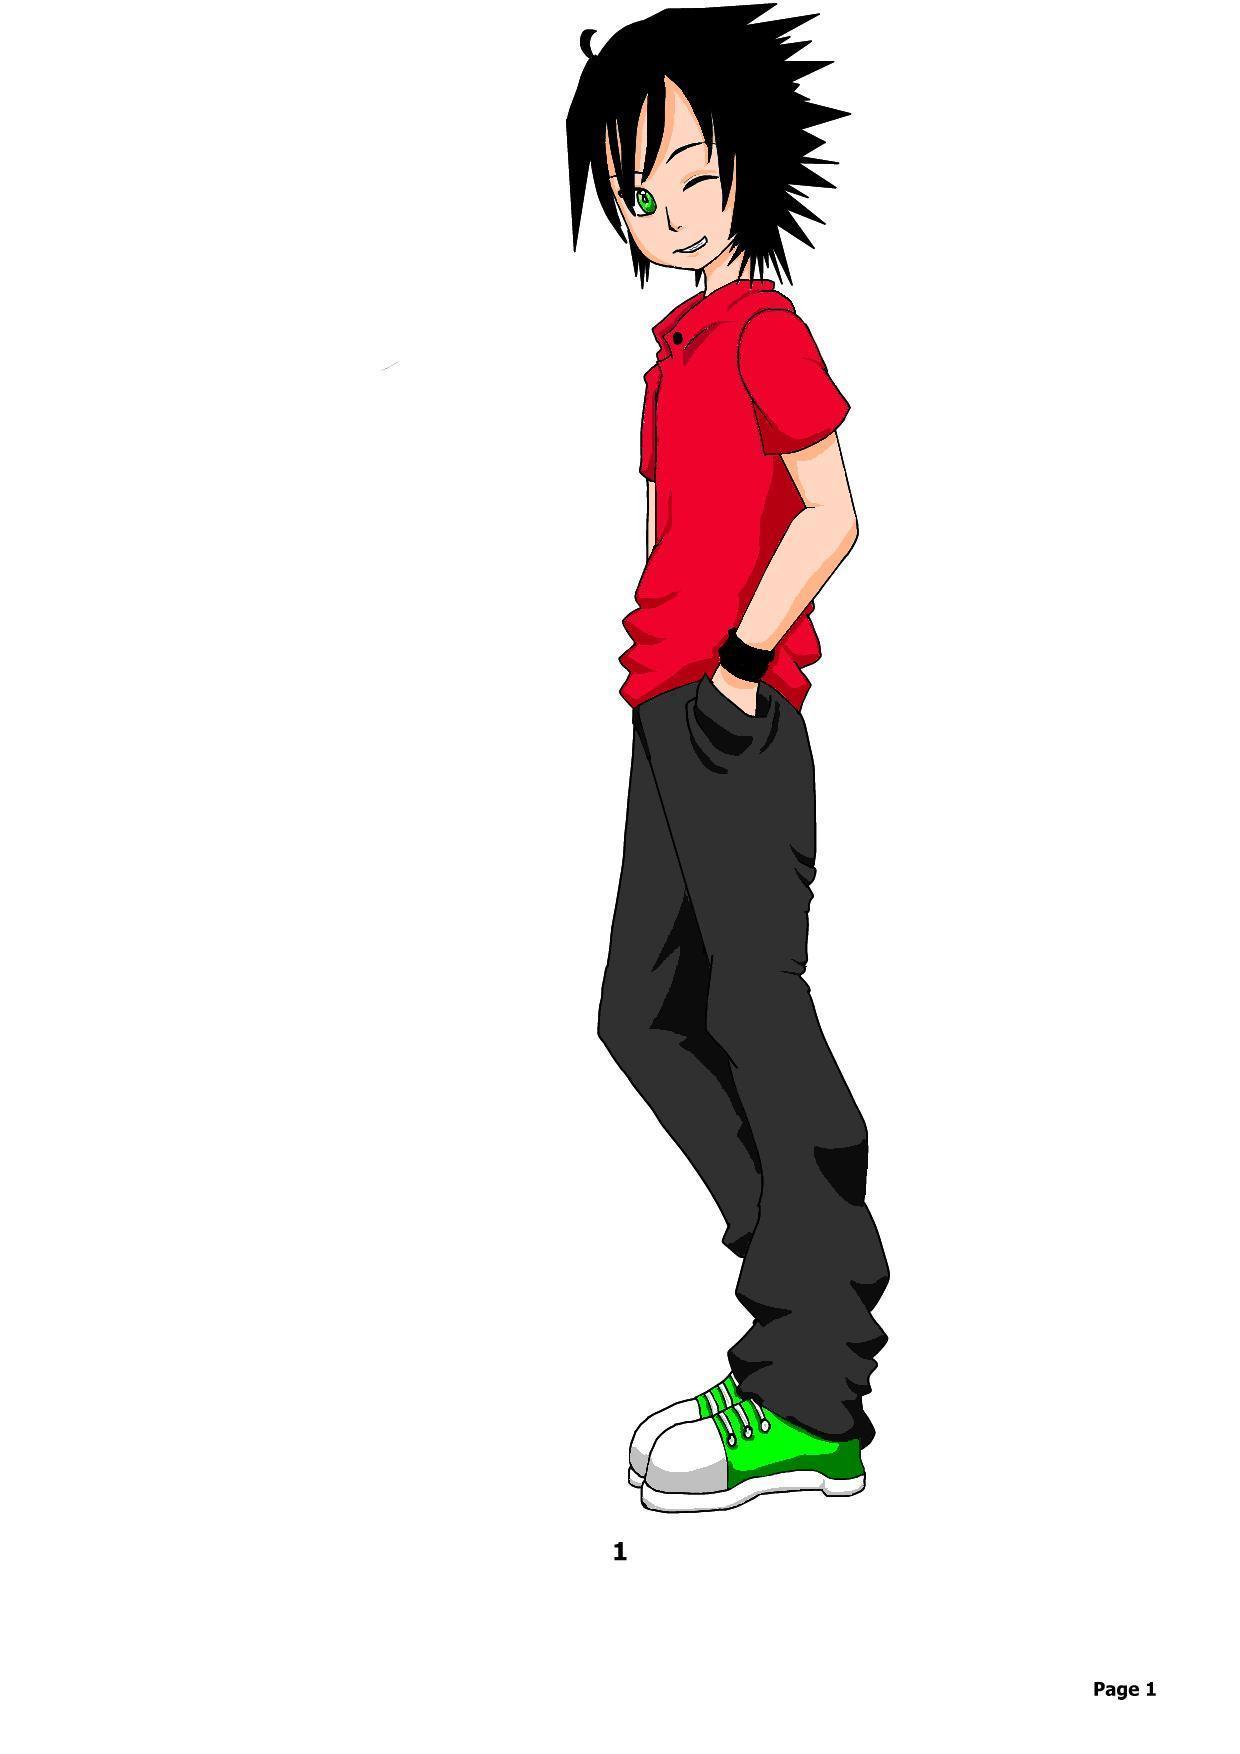 cool boy - Anime Fan Art (25900670) - Fanpop